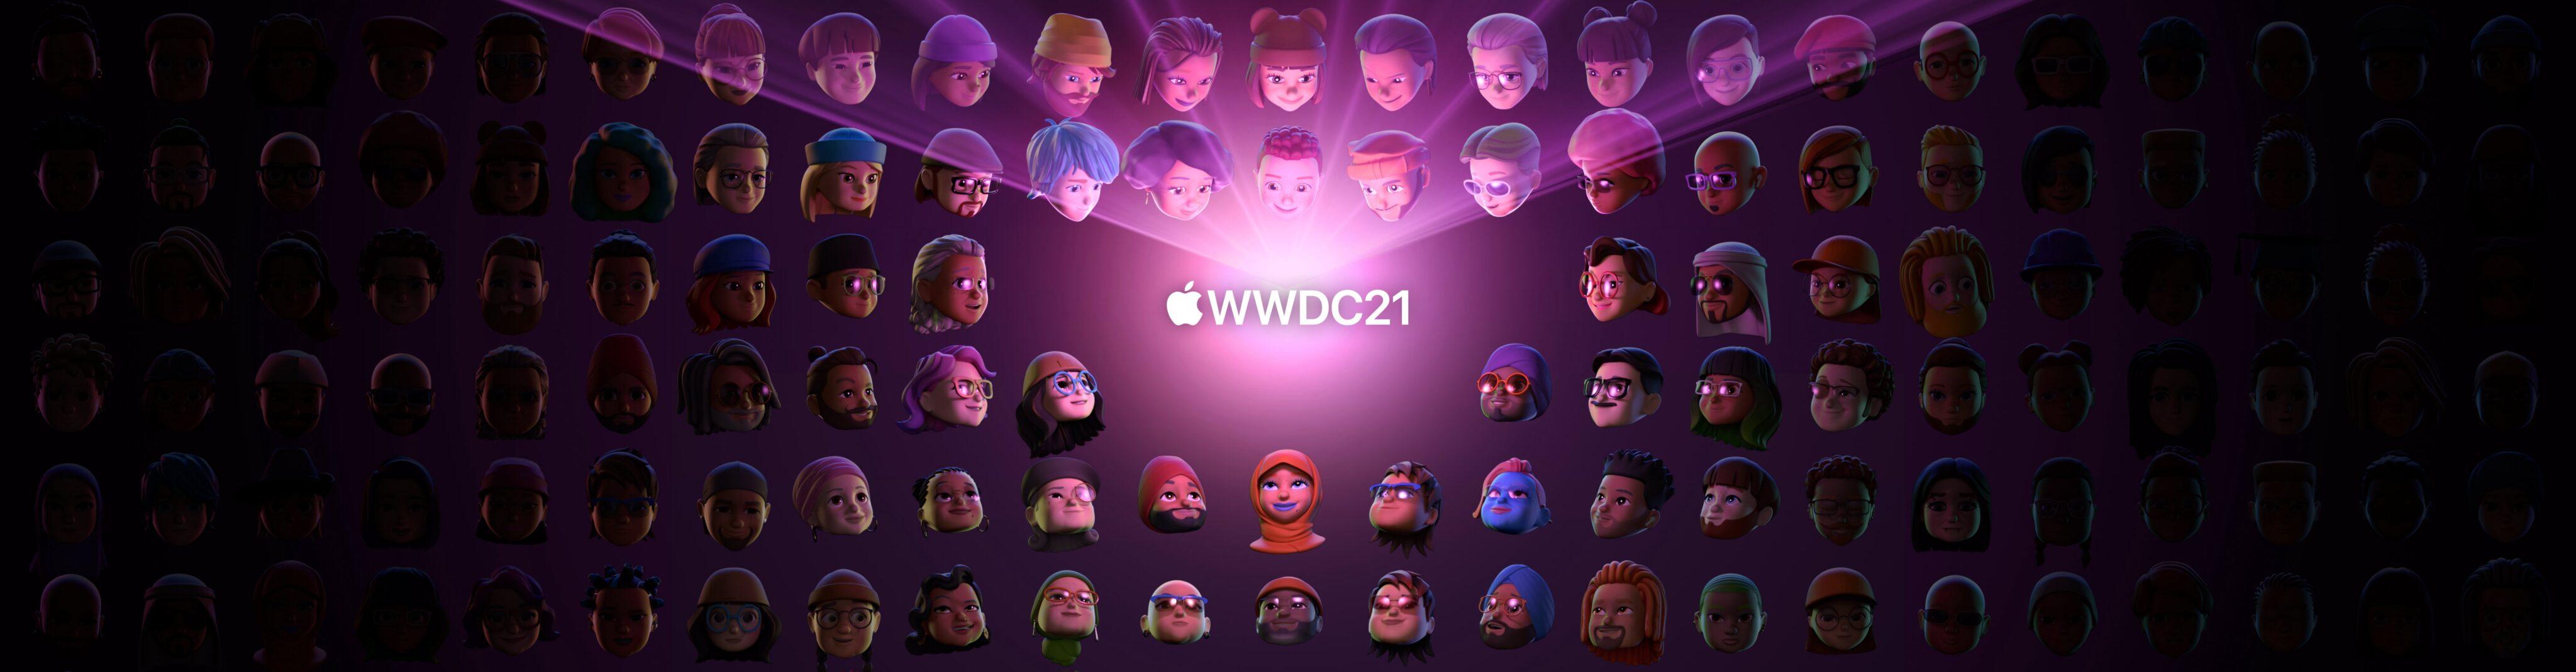 Banner da WWDC21